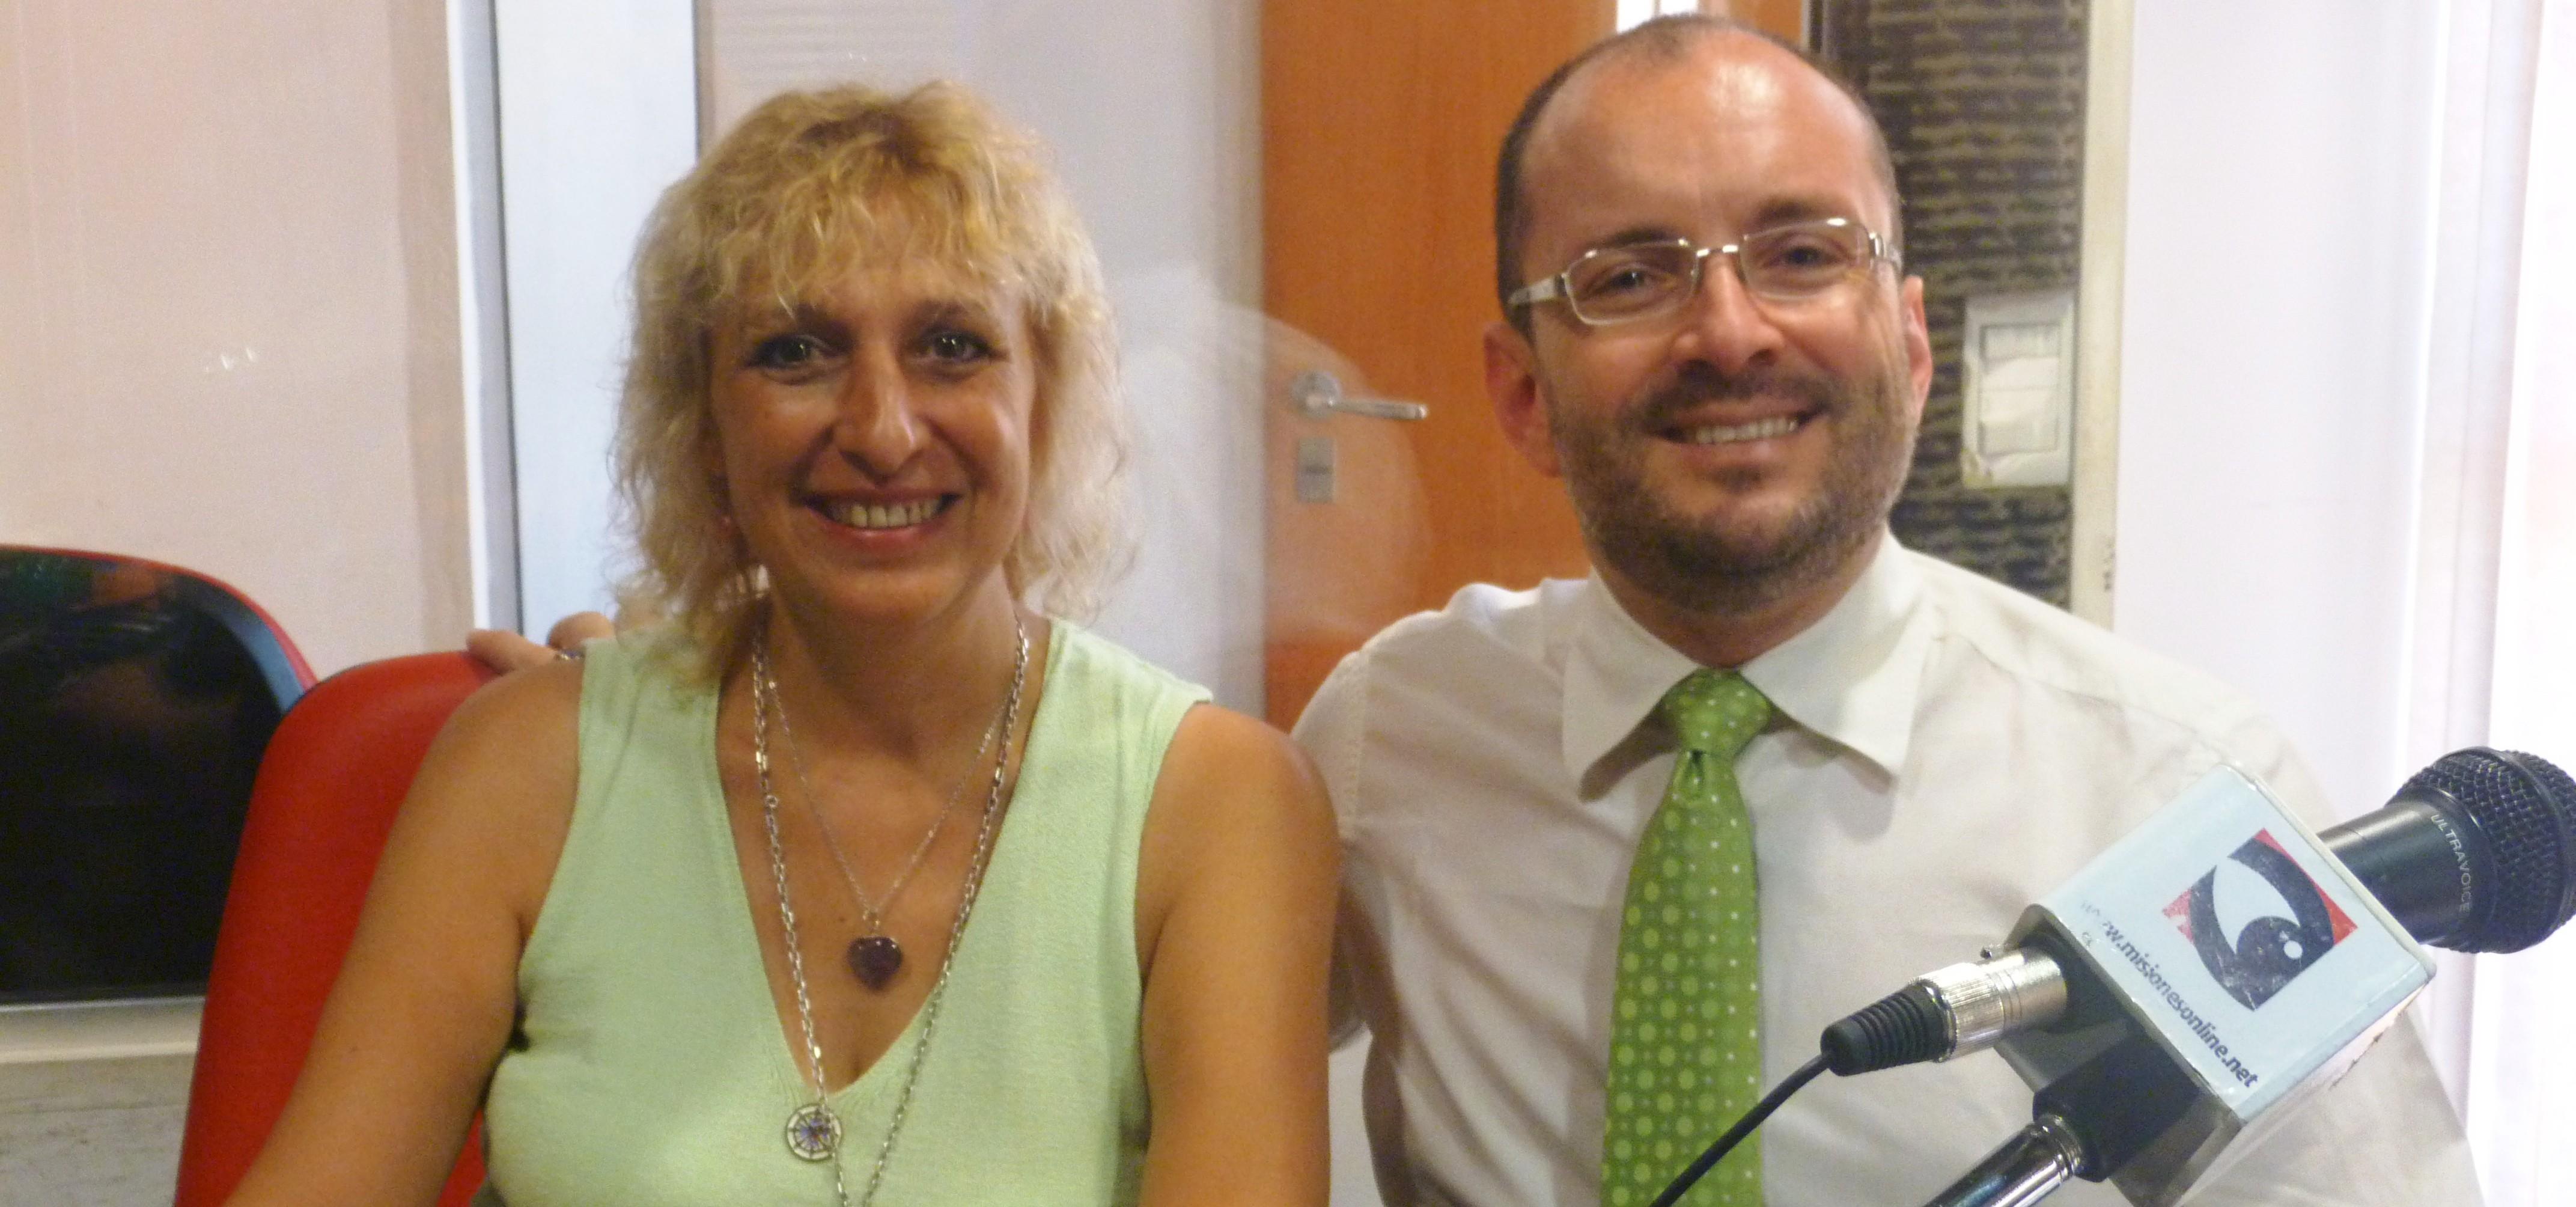 Metafísica: Fernando Candiotto dará conferencias hoy y mañana en Posadas